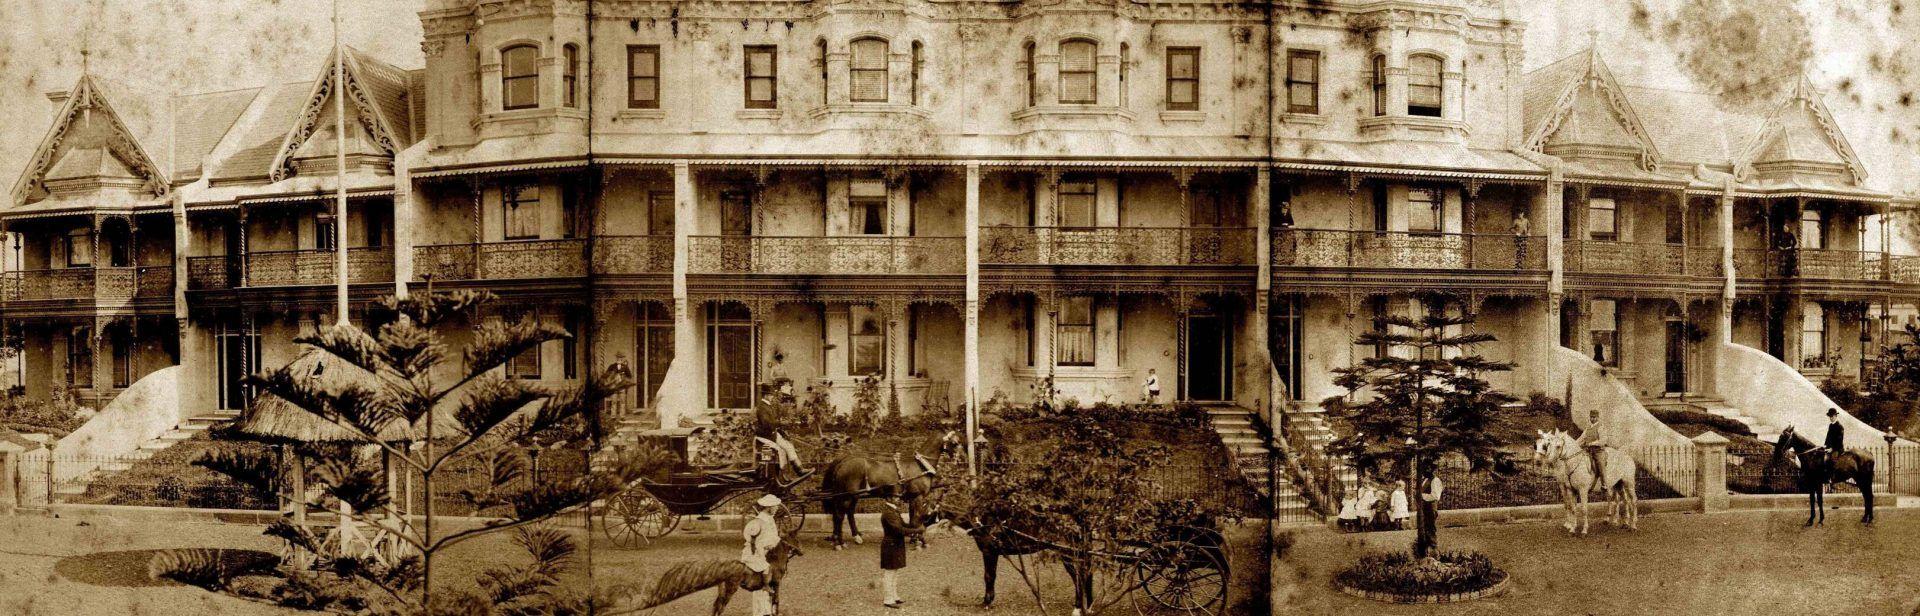 L' Avenue, c.1890s